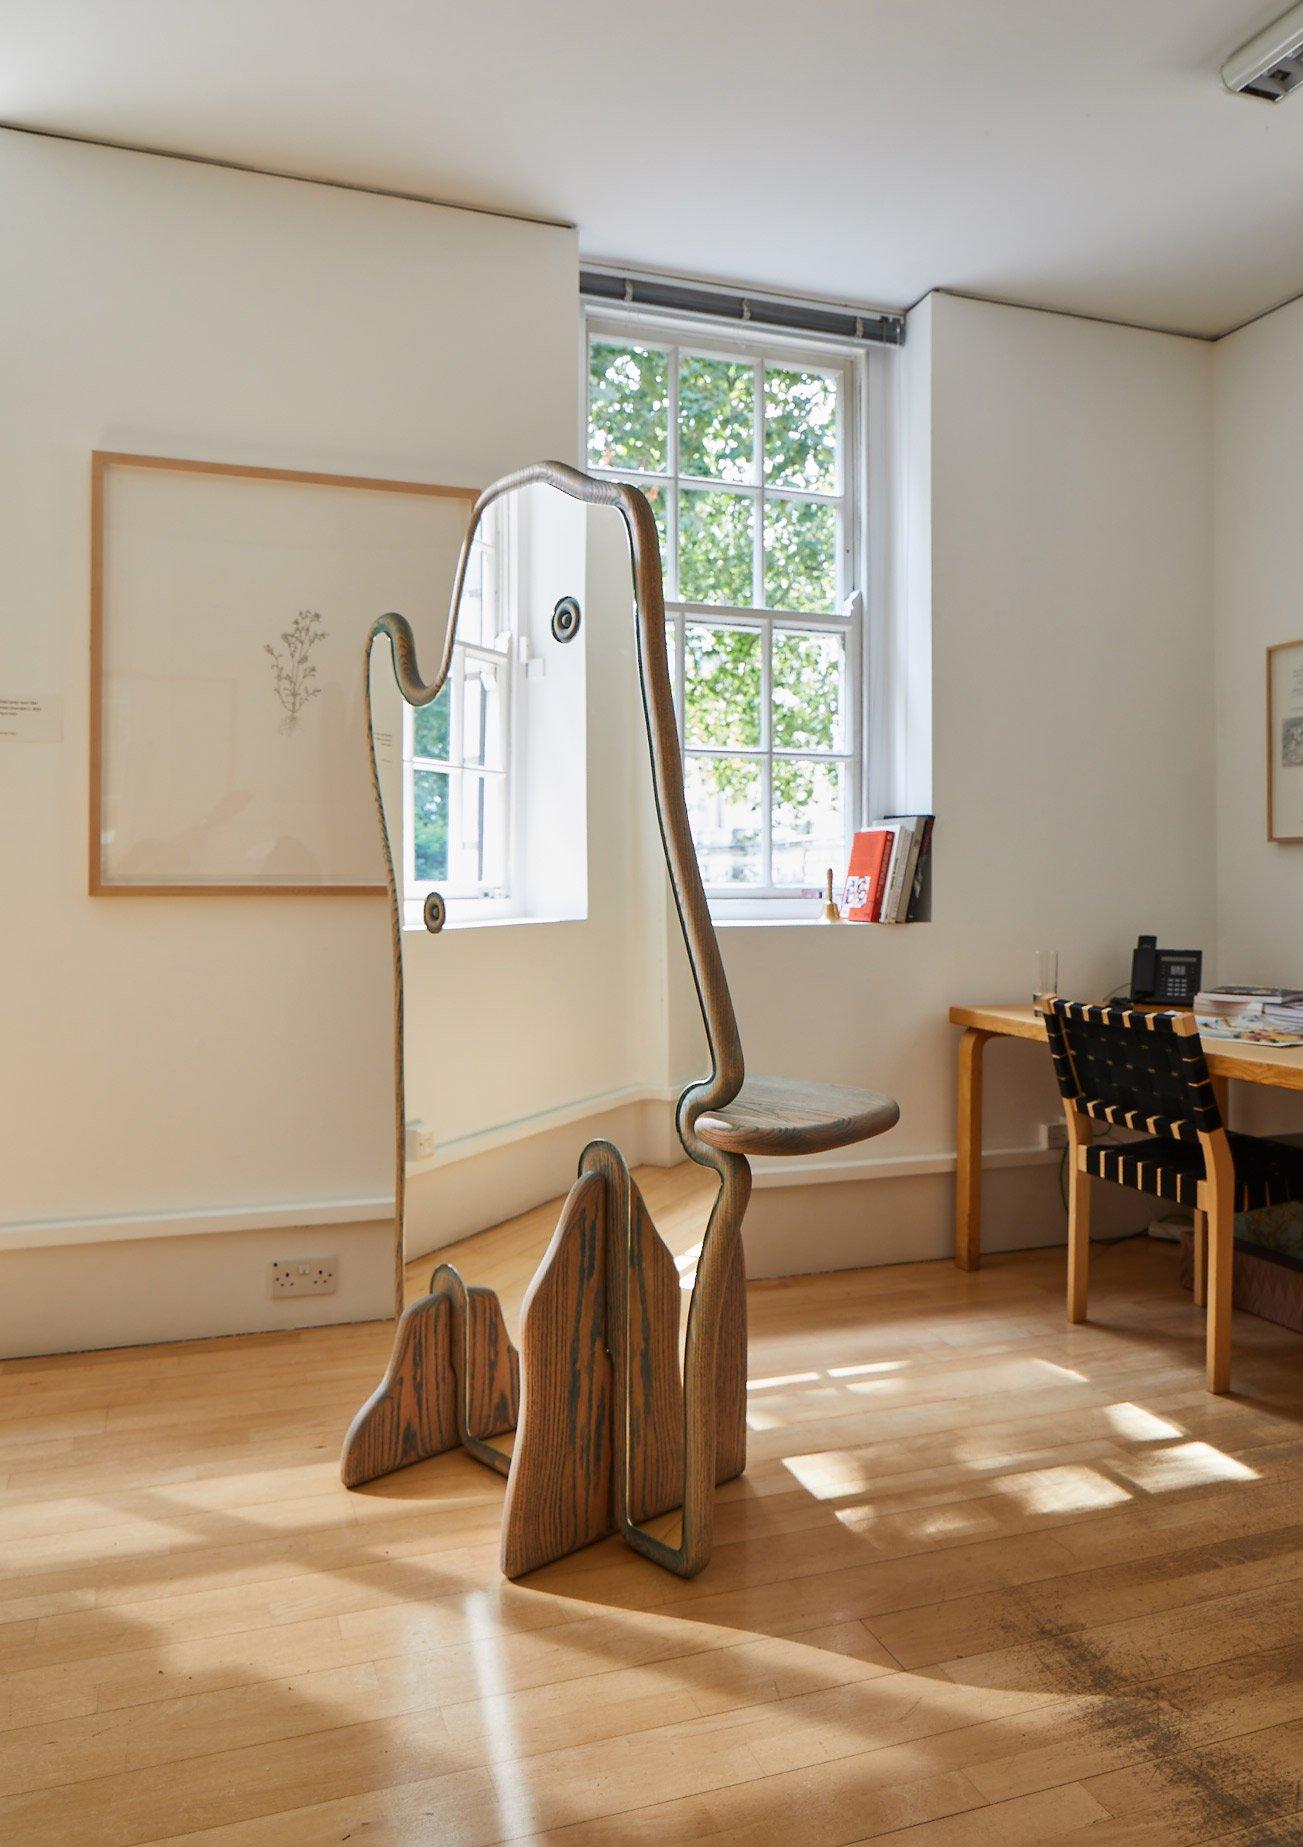 Valet. Max Lamb, commissioned by Maria Balshaw (Tate) © Petr Krejci